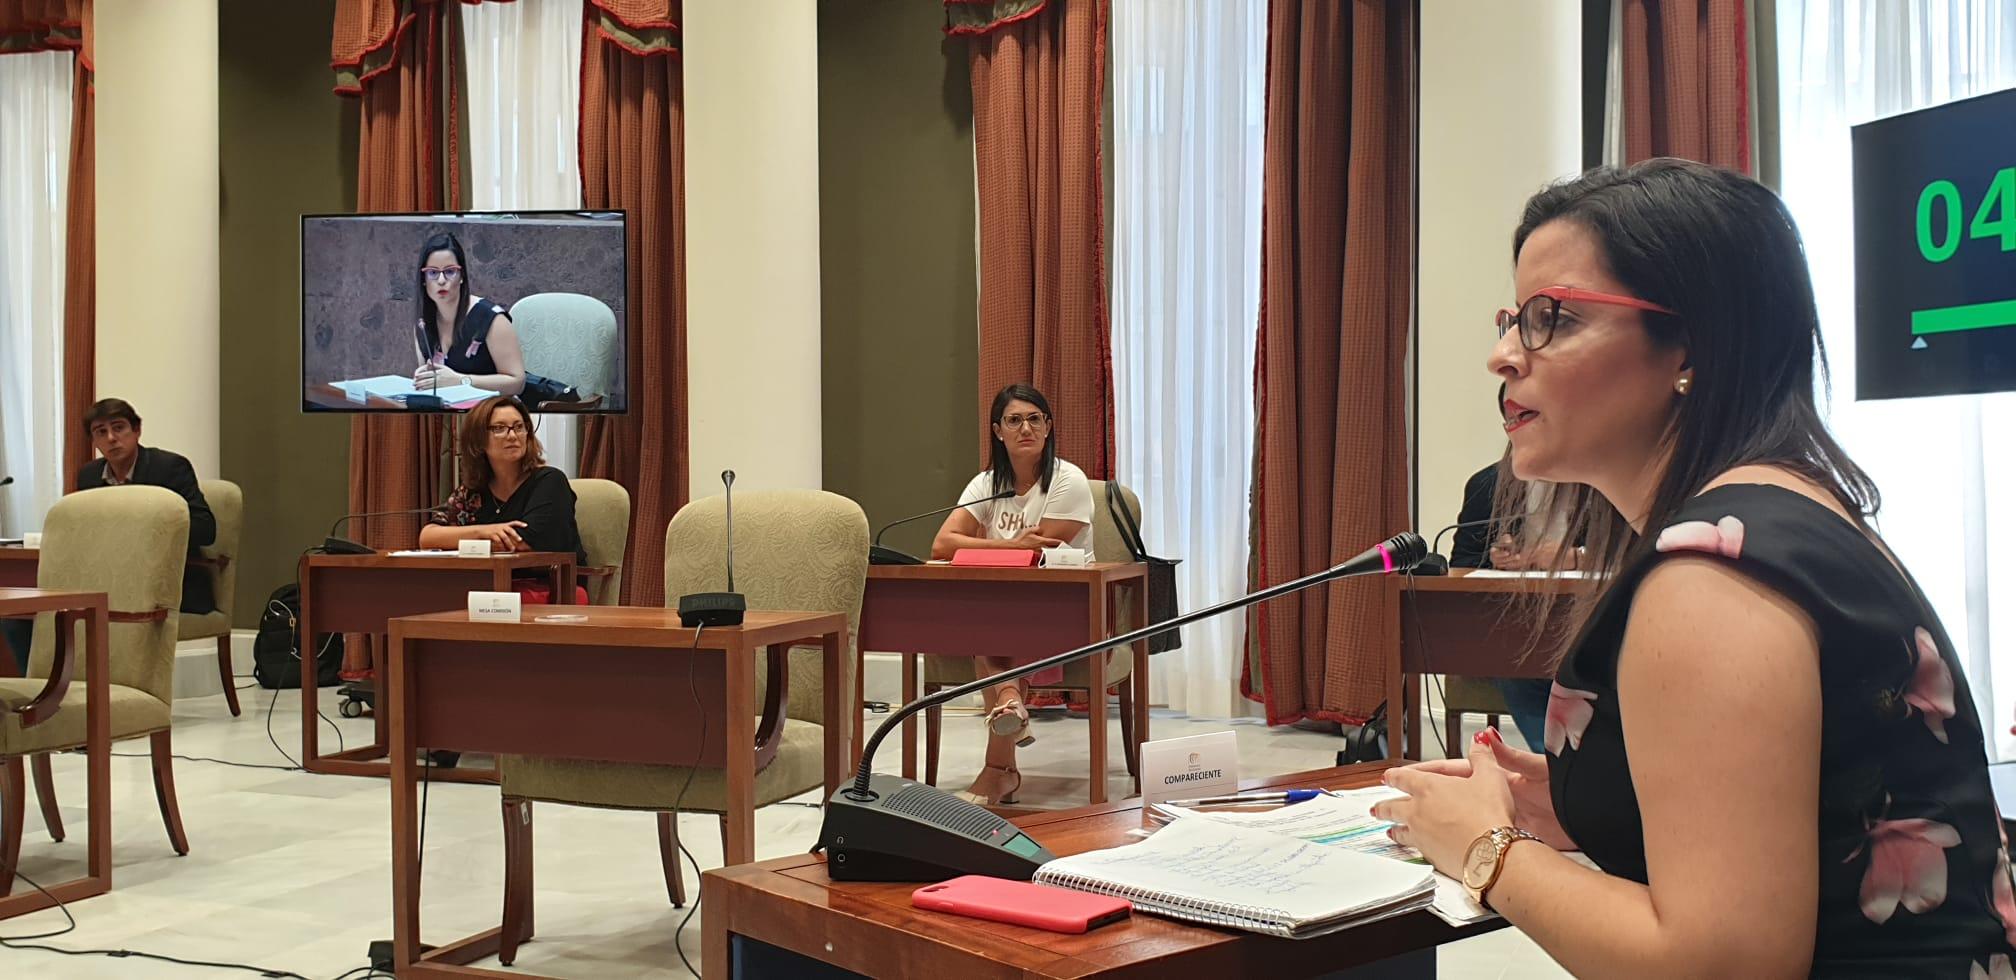 La consejera Yaiza Castilla en Comisión parlamentaria.